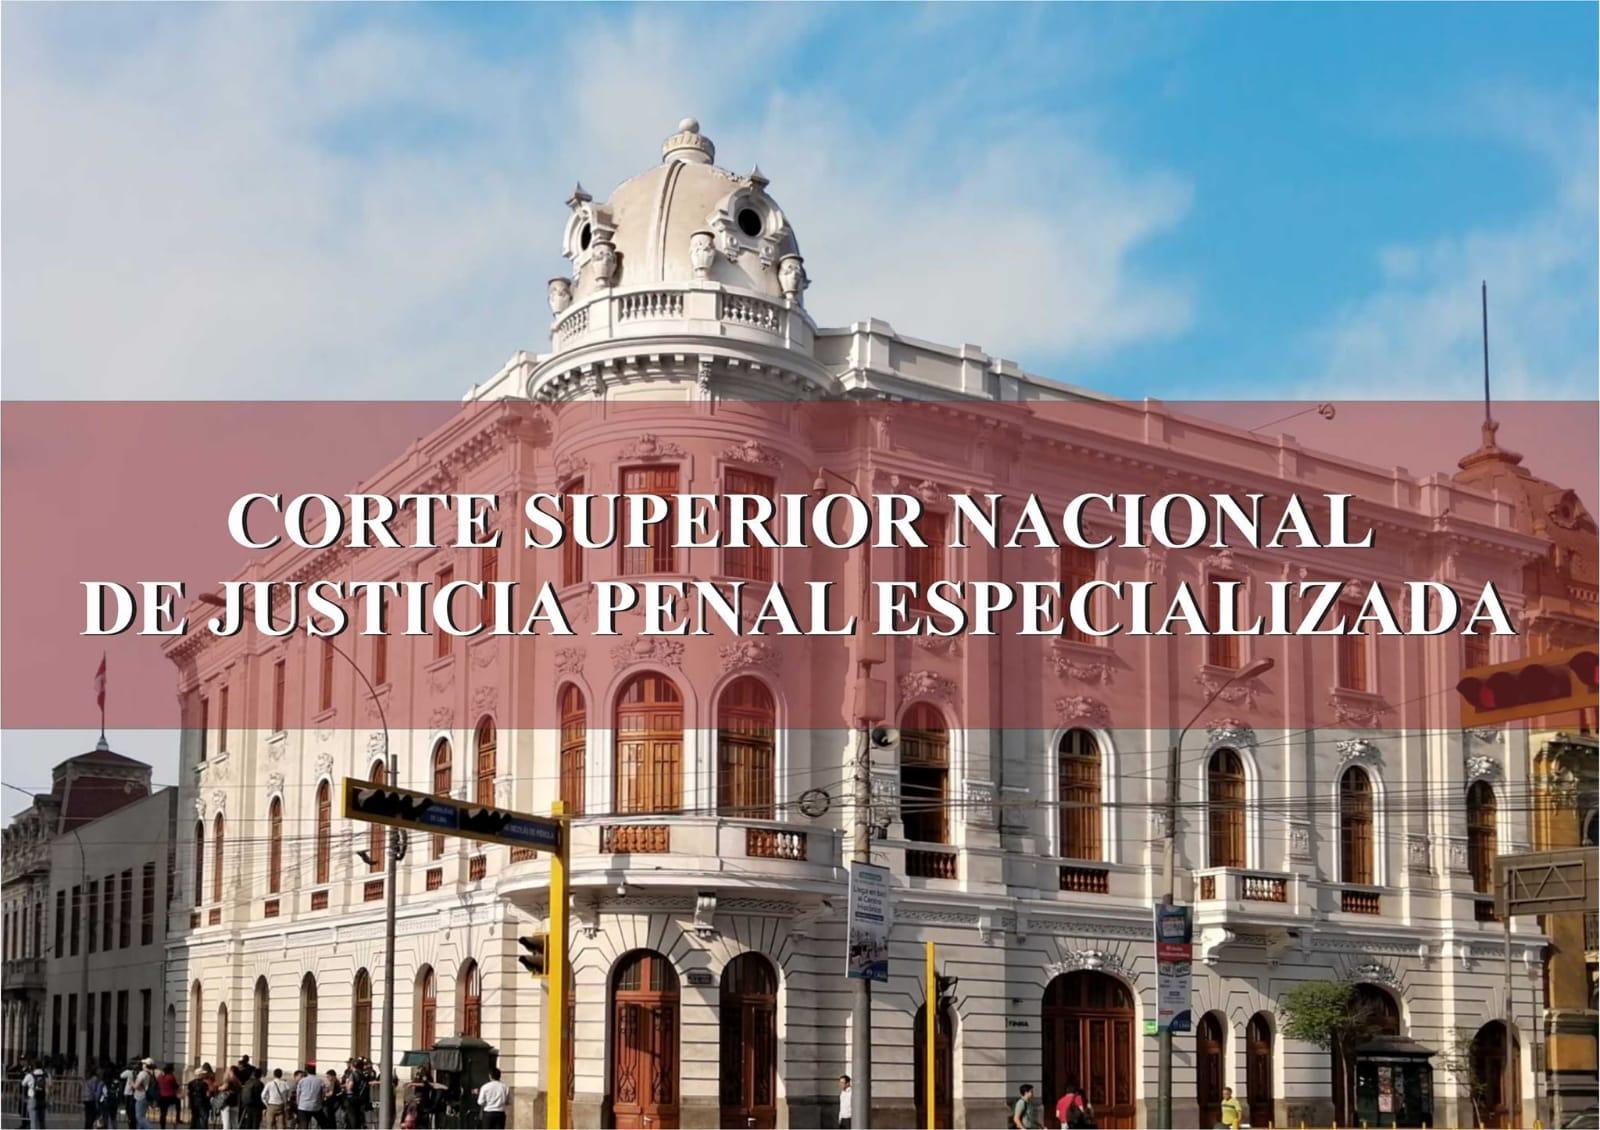 Corte Superior Nacional dispone traslado de seis órganos jurisdiccionales de crimen organizado